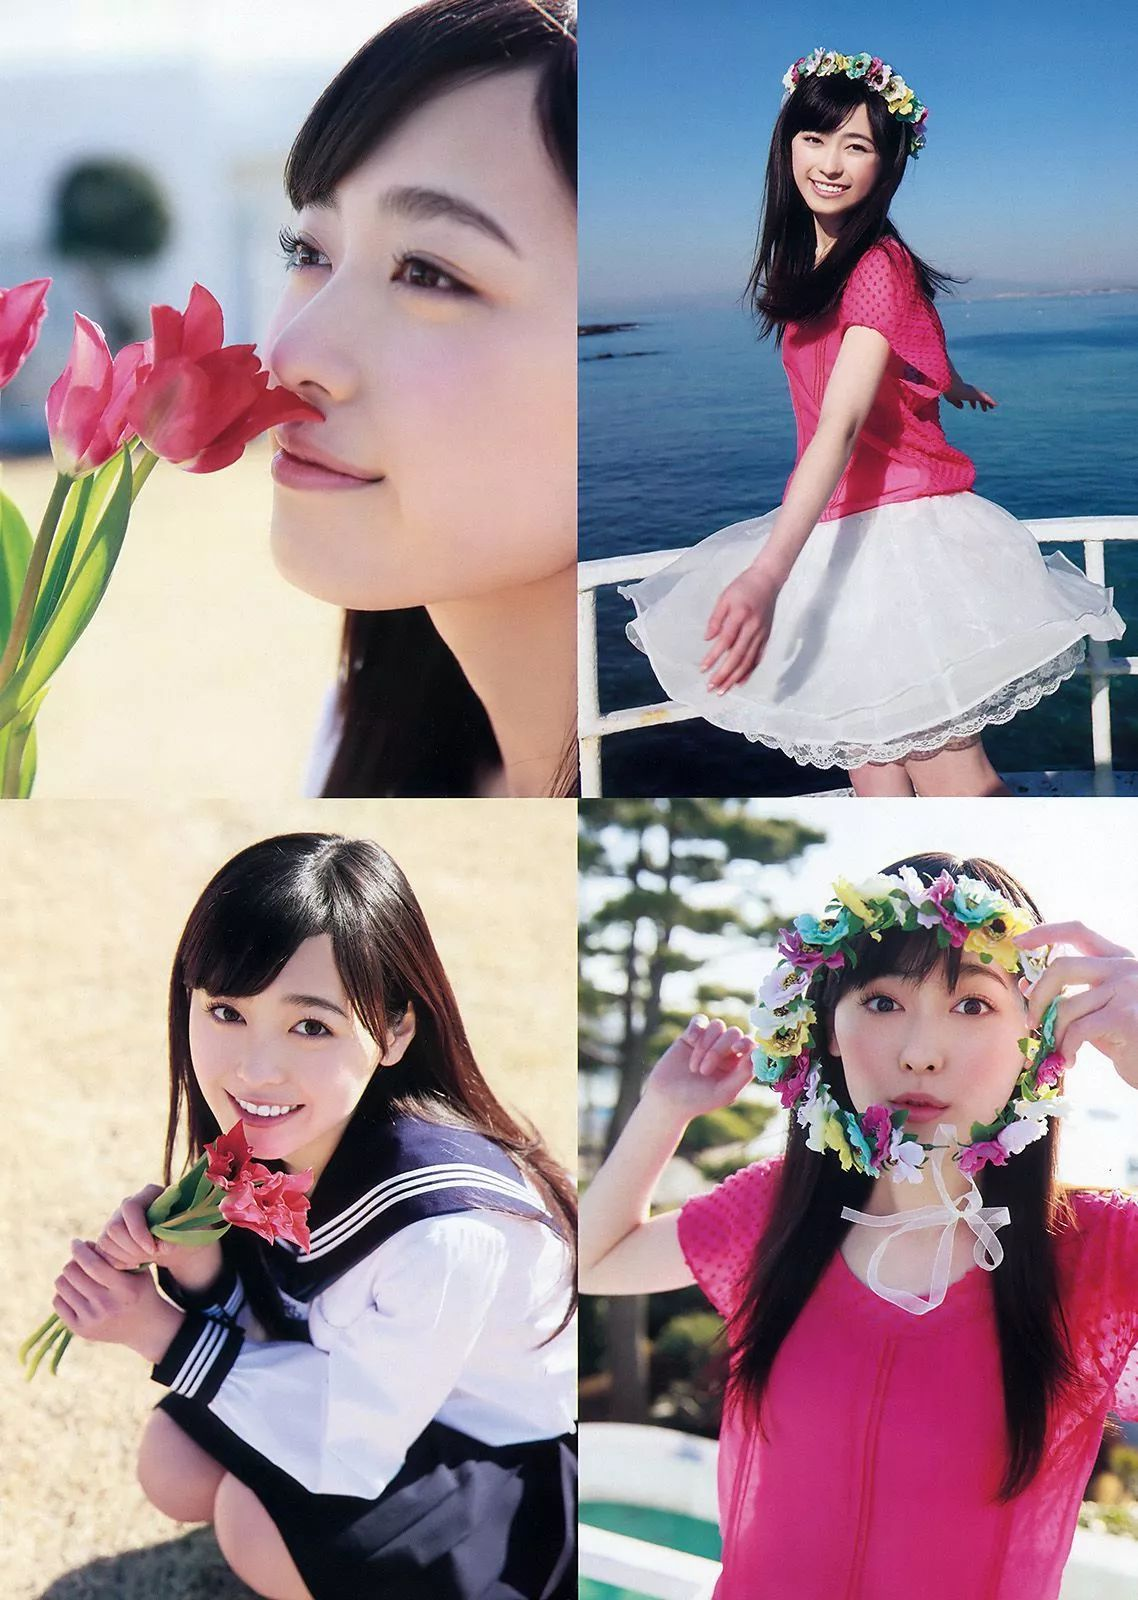 真的是甜到冒泡的美少女福原遥写真作品 (19)